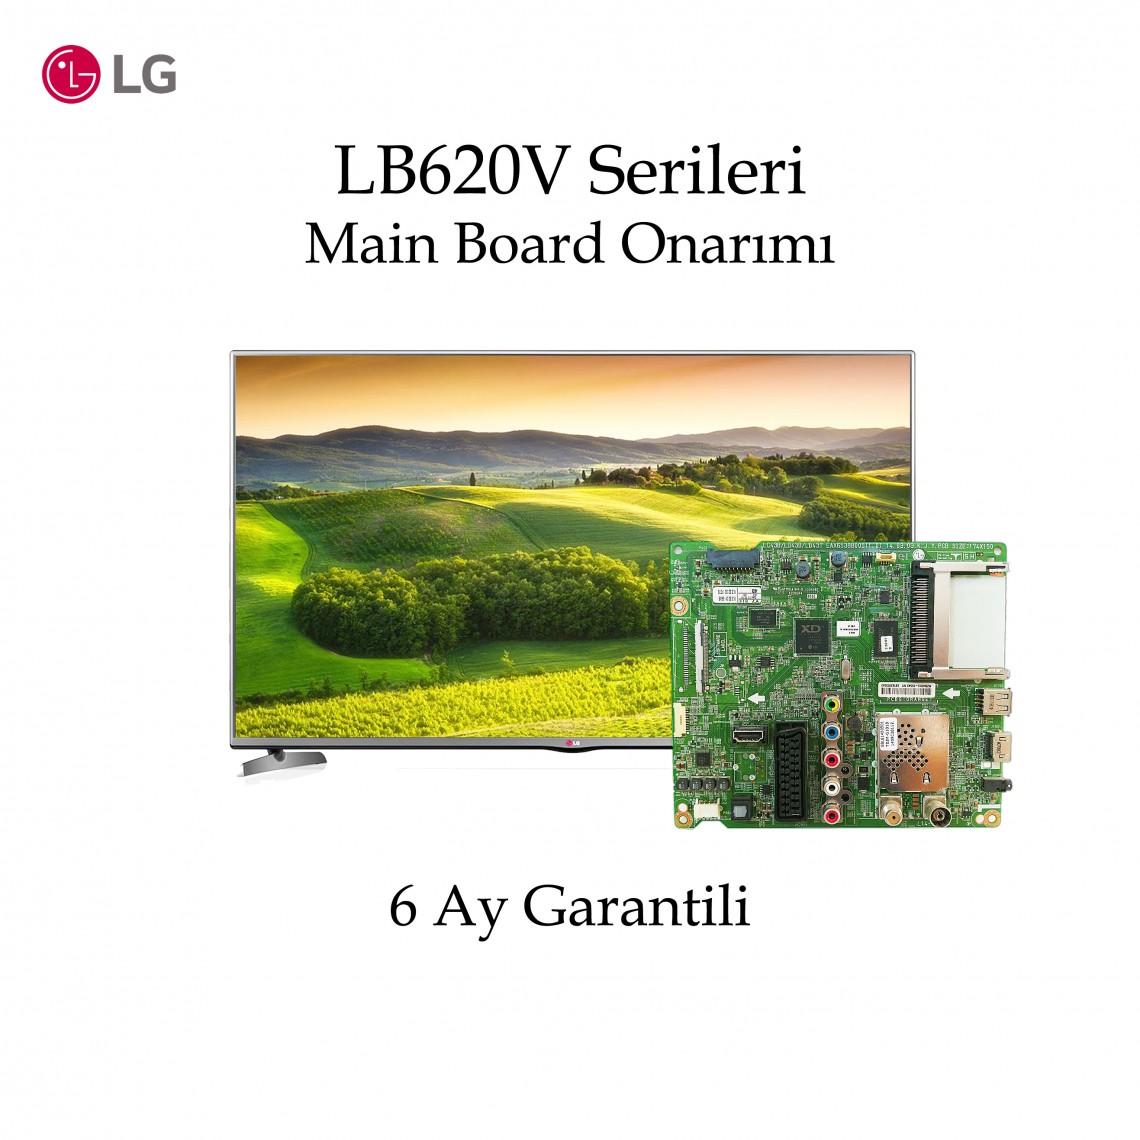 42LB620V, 49LB620V, 55LB620V,  EAX65388005 (1.0), EAX65388006 (1.0), Main Board Onarımı